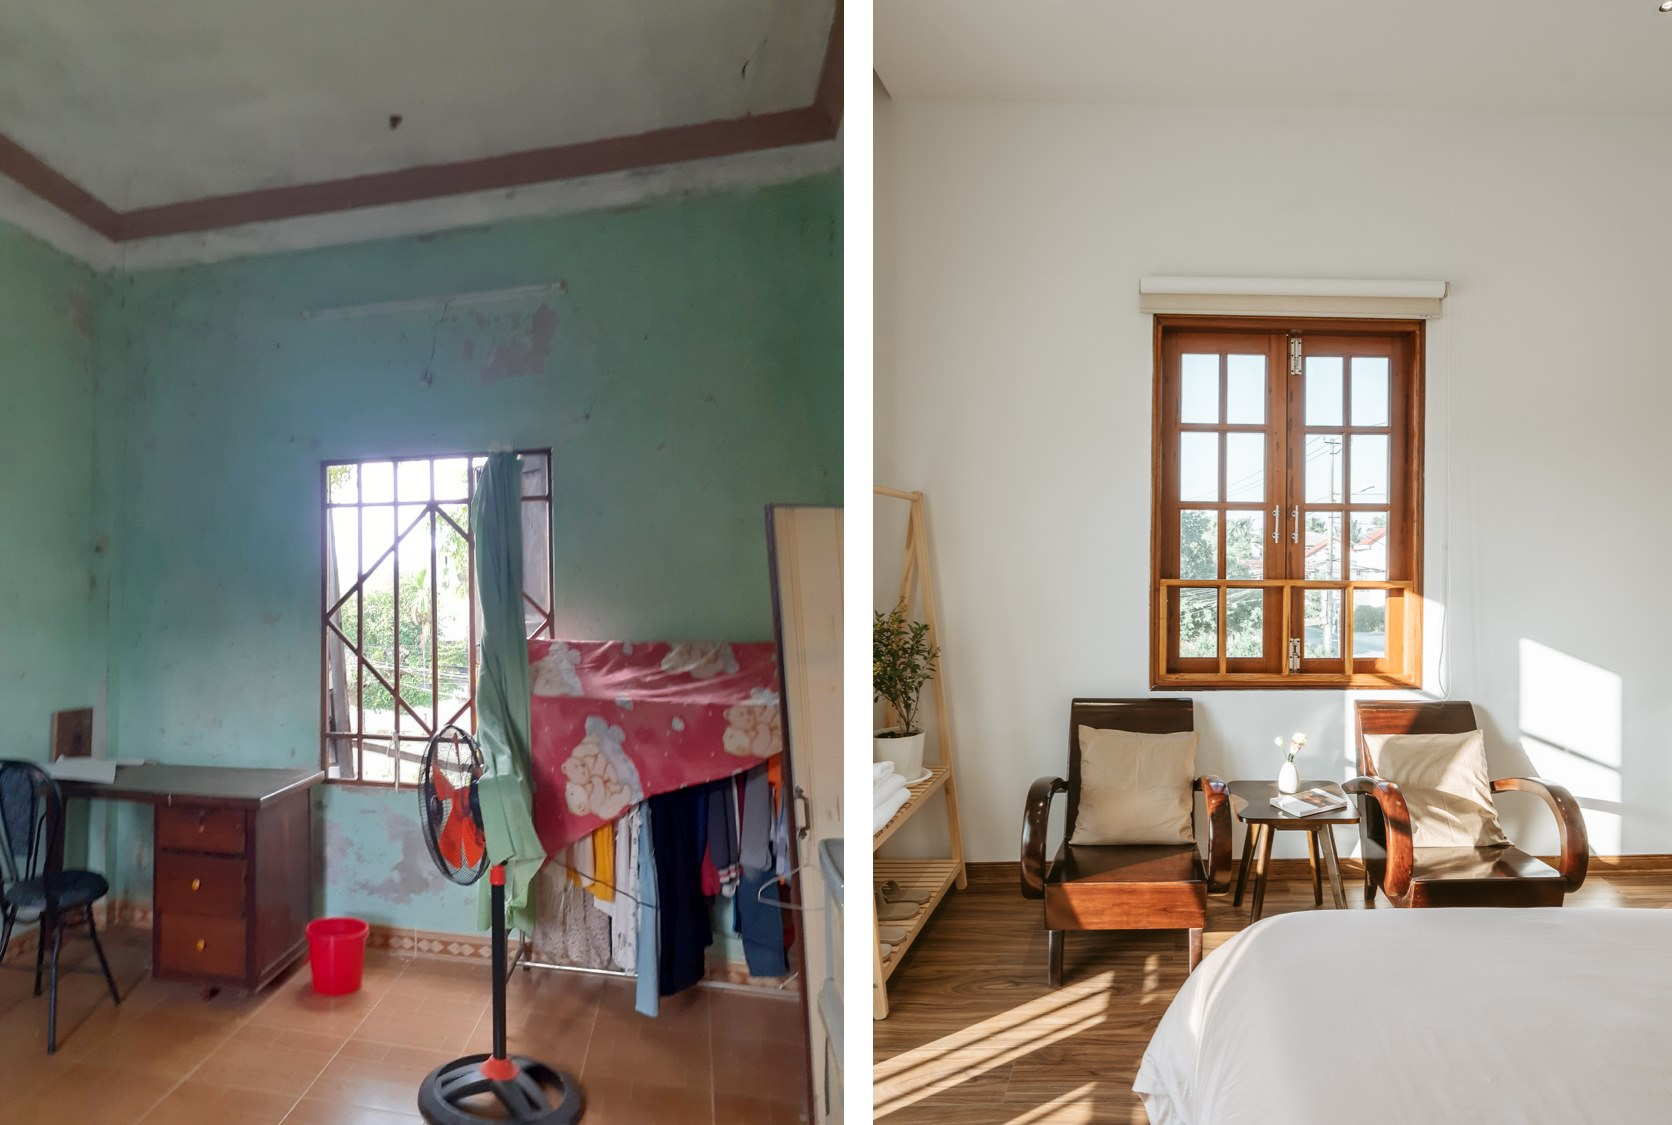 Cô gái quyết định rời Sài Gòn về Hội An cải tạo nhà ở 20 năm đã xuống cấp thành homestay 5 phòng đẹp lung linh, cho khách thuê chỉ 420-520 ngàn đồng/ phòng - Ảnh 11.